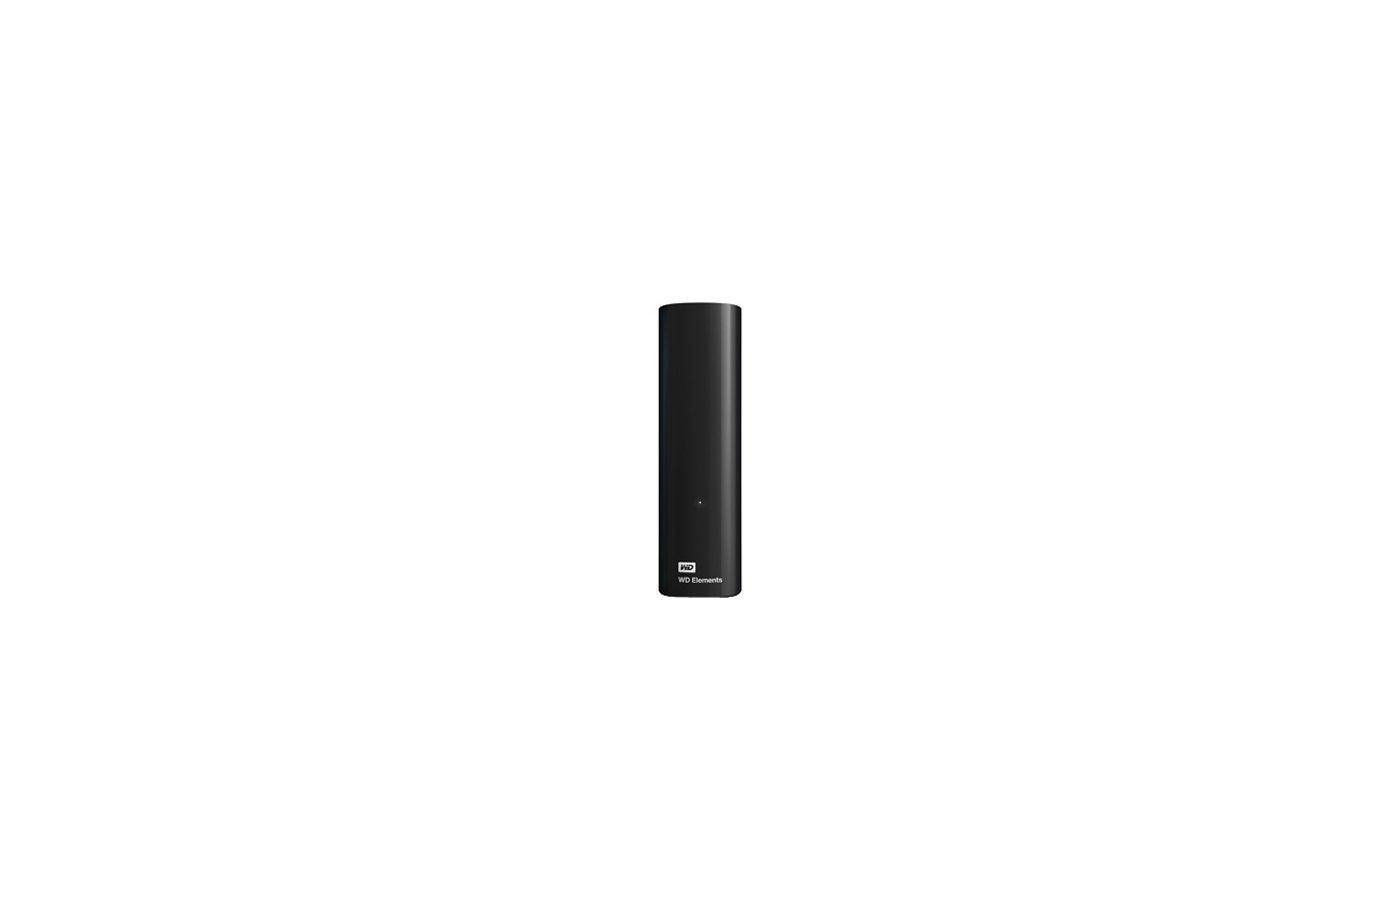 Внешний жесткий диск Western Digital WDBNFV0030BBK-EEUE USB 3.0 3Tb My Passport Ultra (5400 об/мин) 2.5 черный